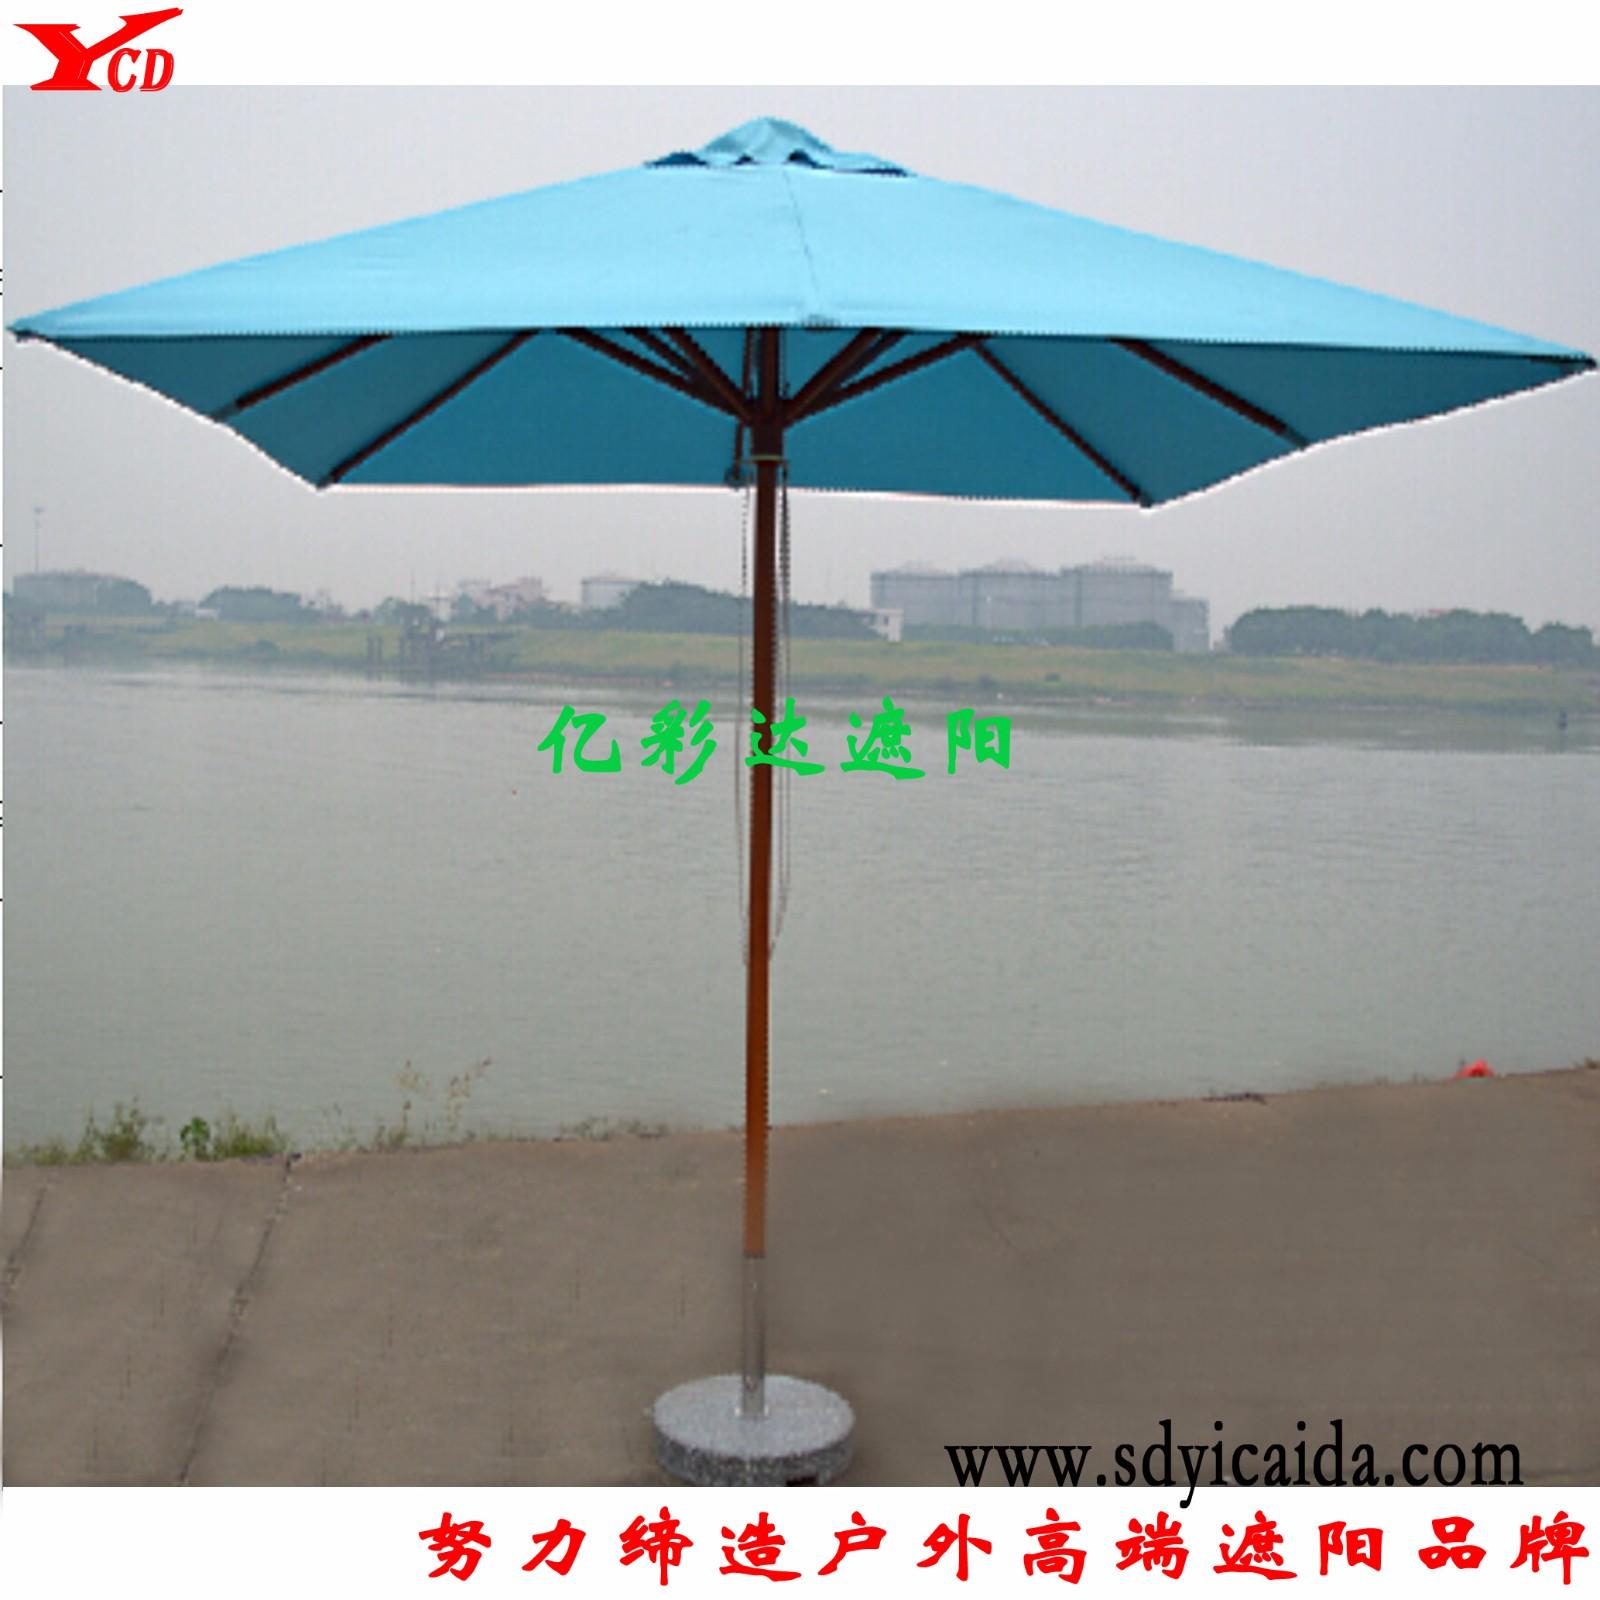 方形单顶木伞|遮阳伞-山东亿彩达遮阳节能科技有限公司